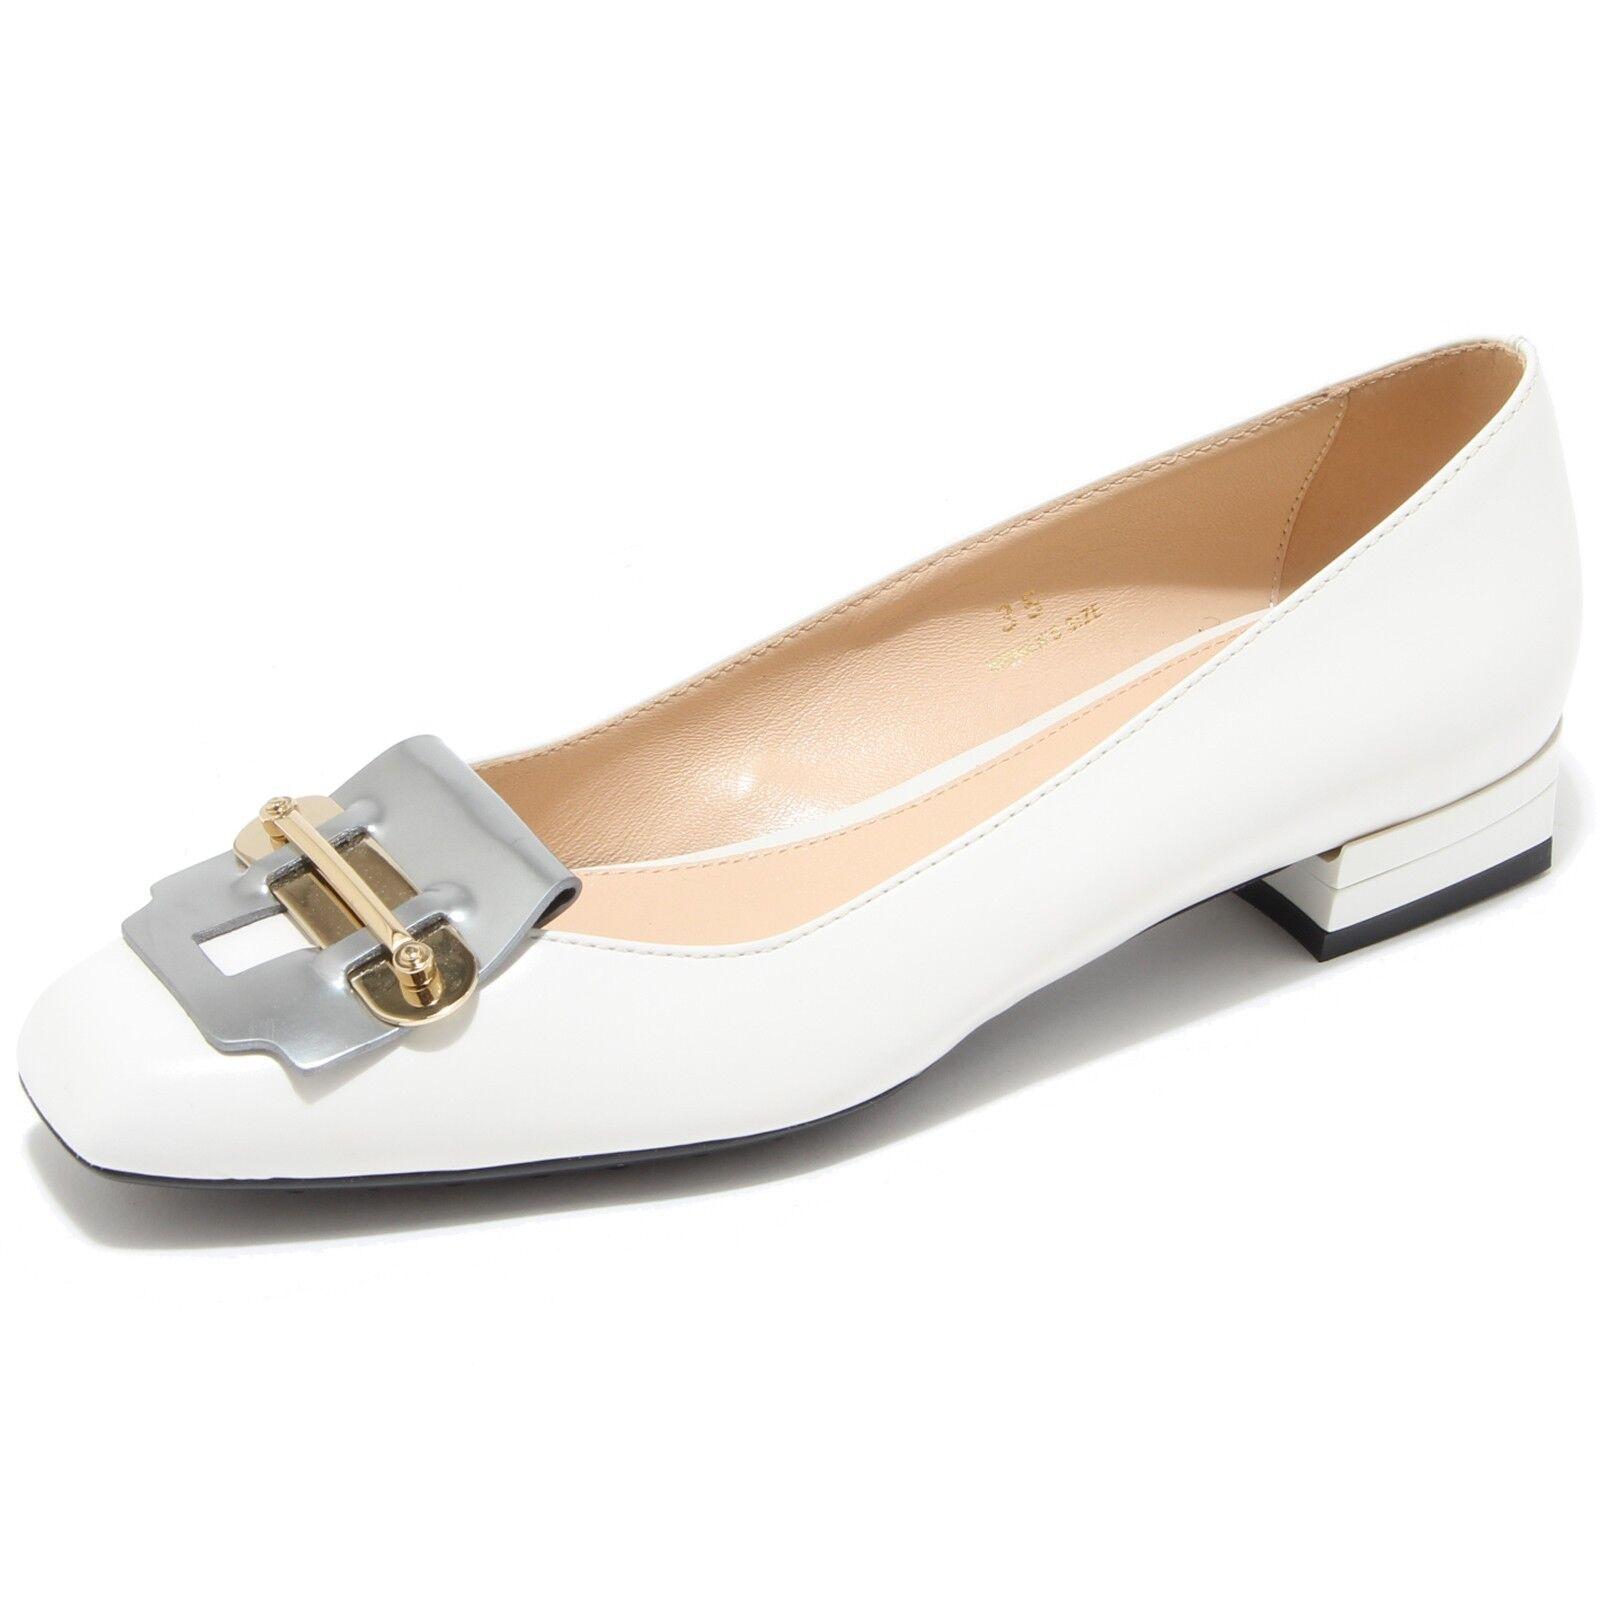 autentico online 89839 decollete decollete decollete TOD'S GOMMA T 20 SS LINGOTTO PIASTRA scarpa donna scarpe donna  senza esitazione! acquista ora!